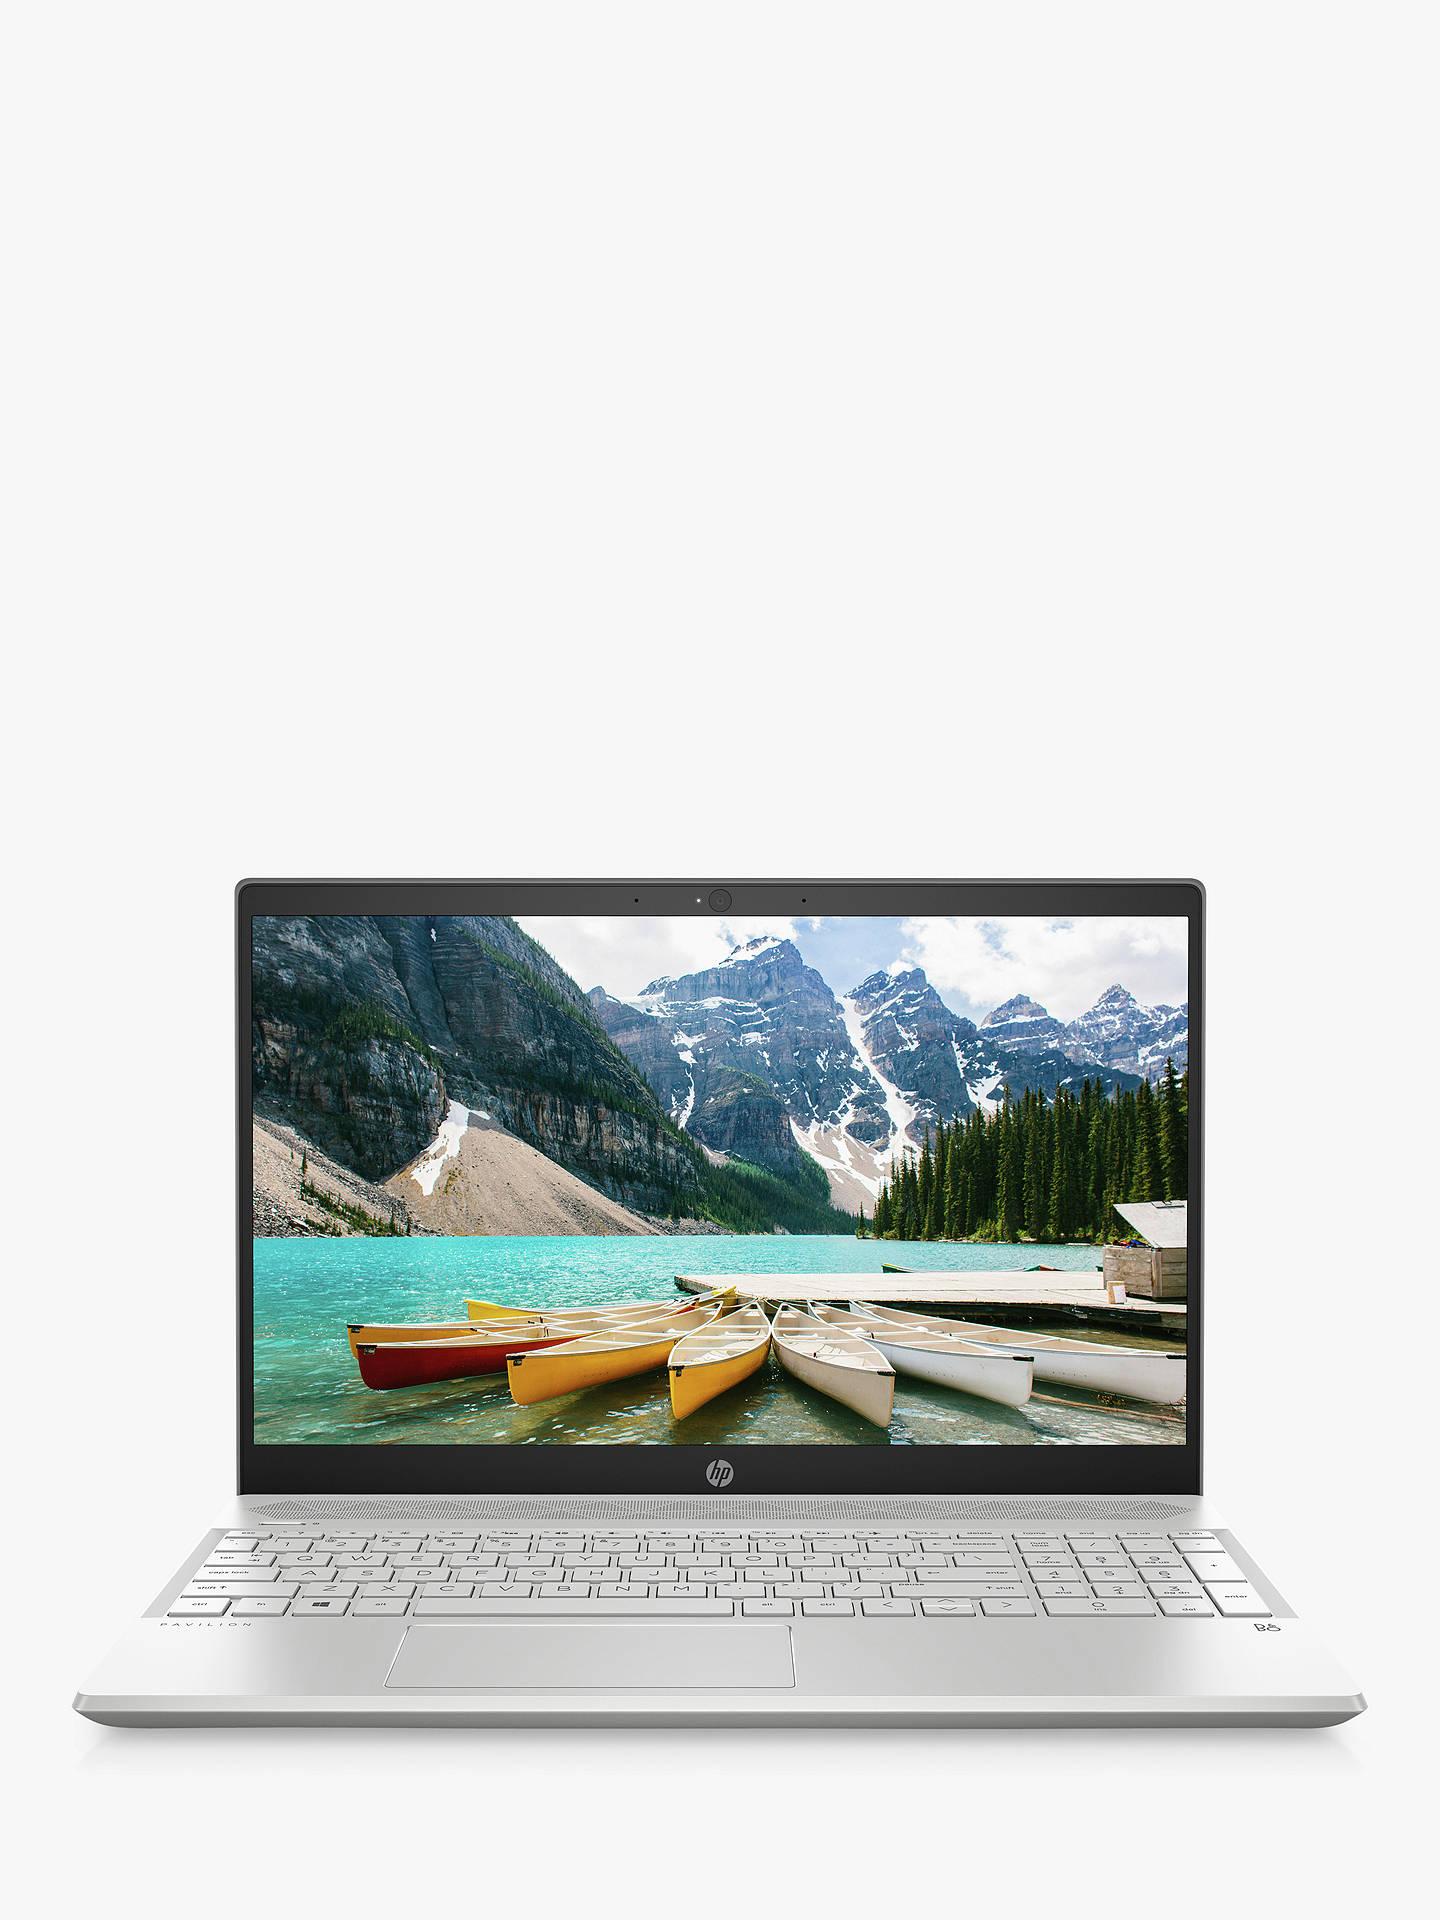 """HP Pavilion 15-cs1004na Laptop, Intel Core i5 Processor, 8GB RAM, 256GB  SSD, GeForce GTX 1050, 15 6"""" Full HD, Mineral Silver"""